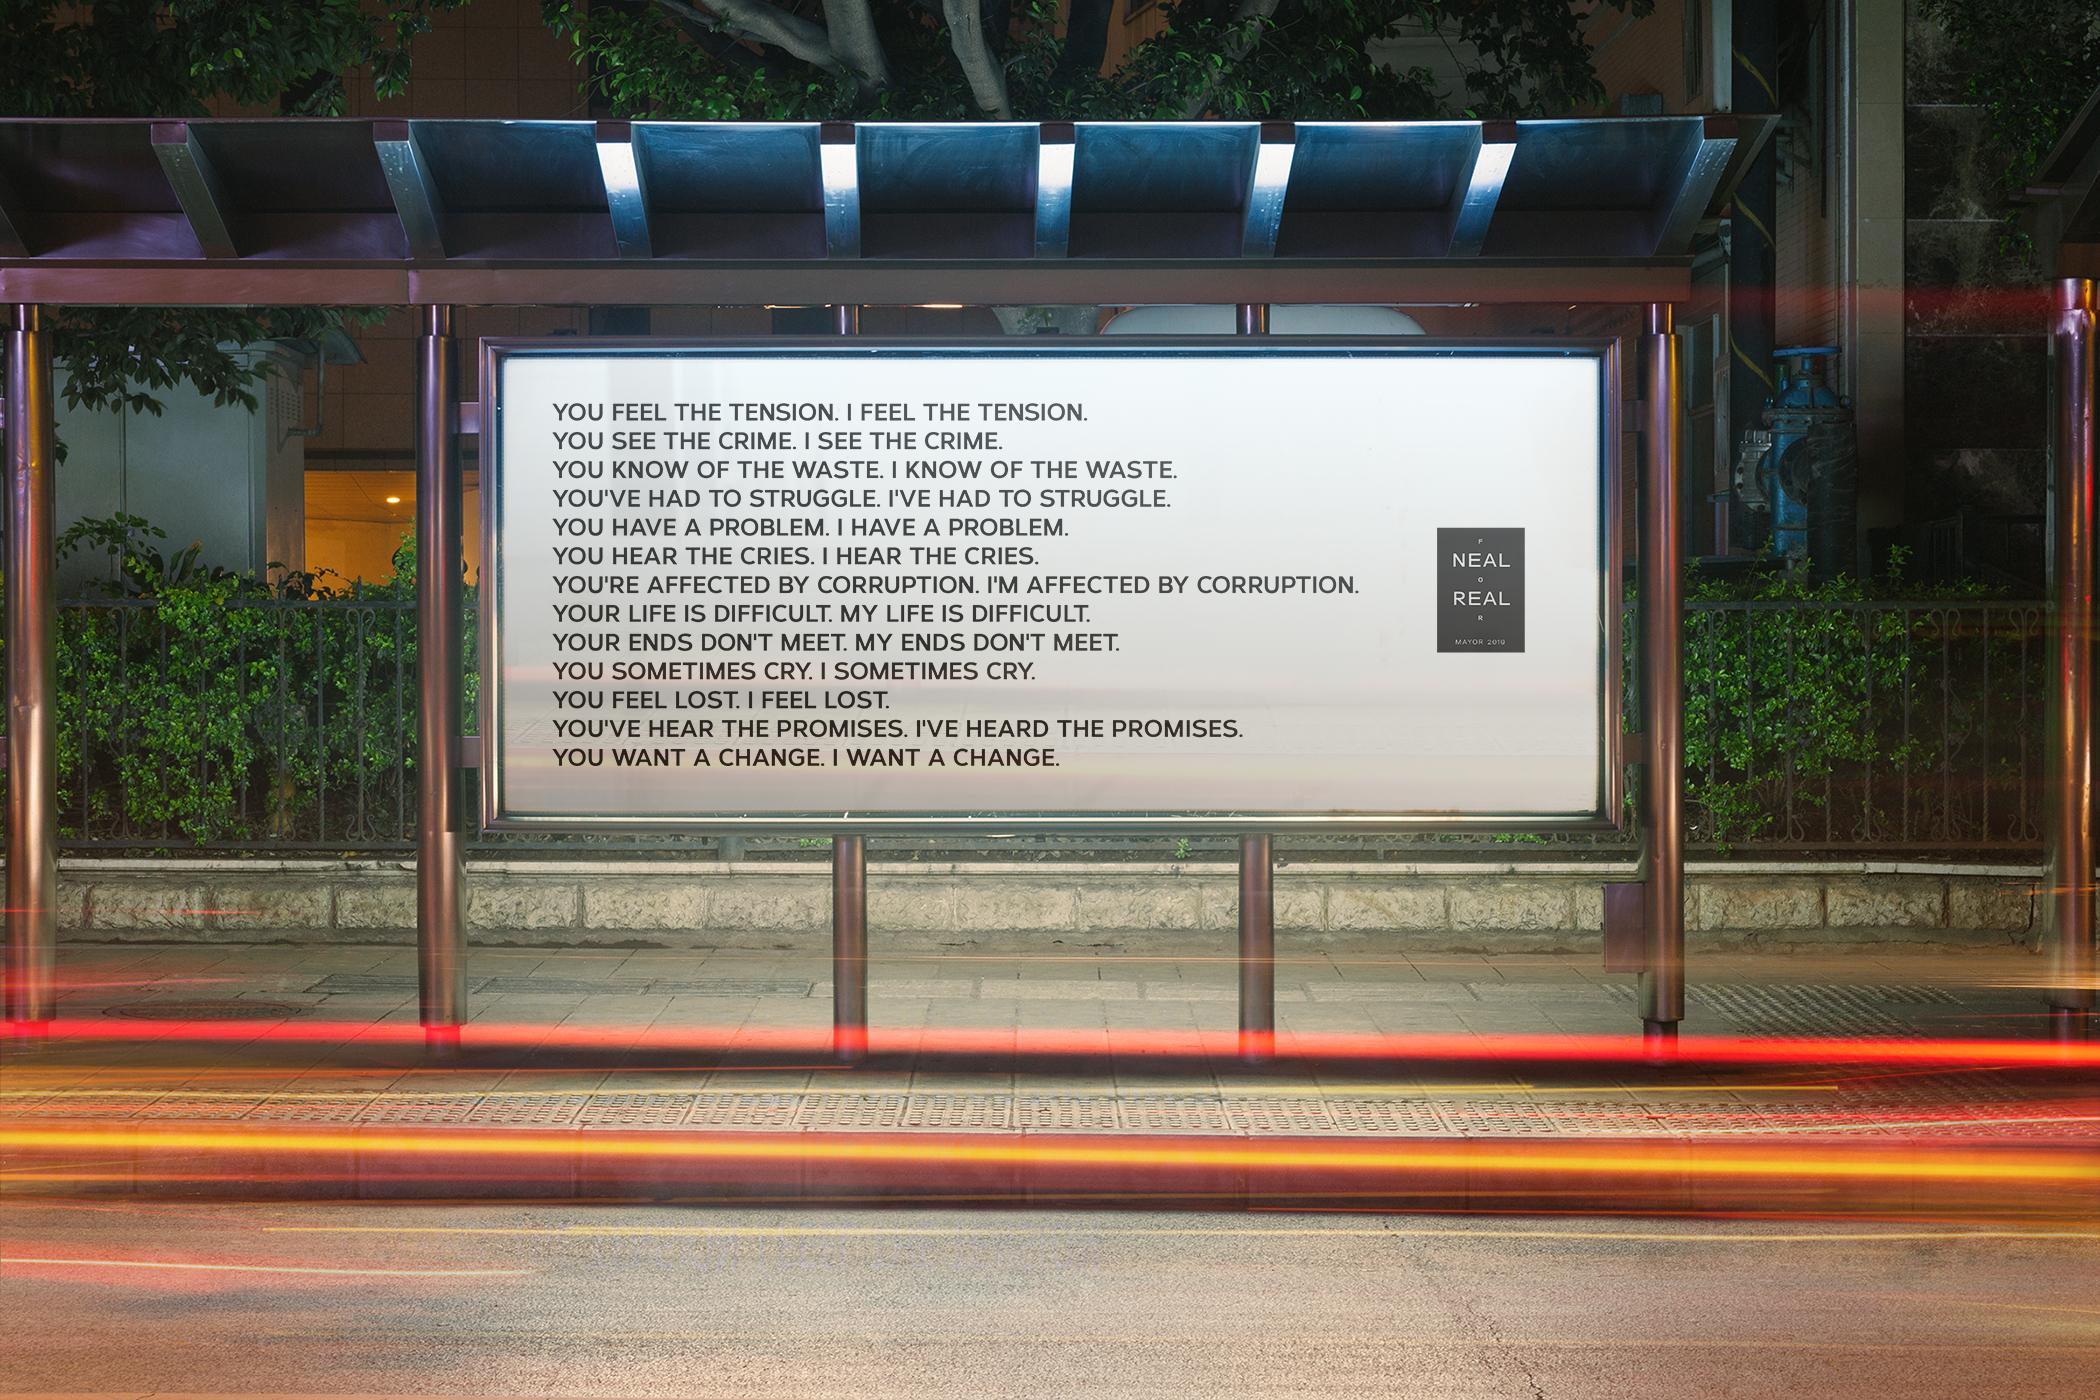 3D_billboard_1_2100w.jpg